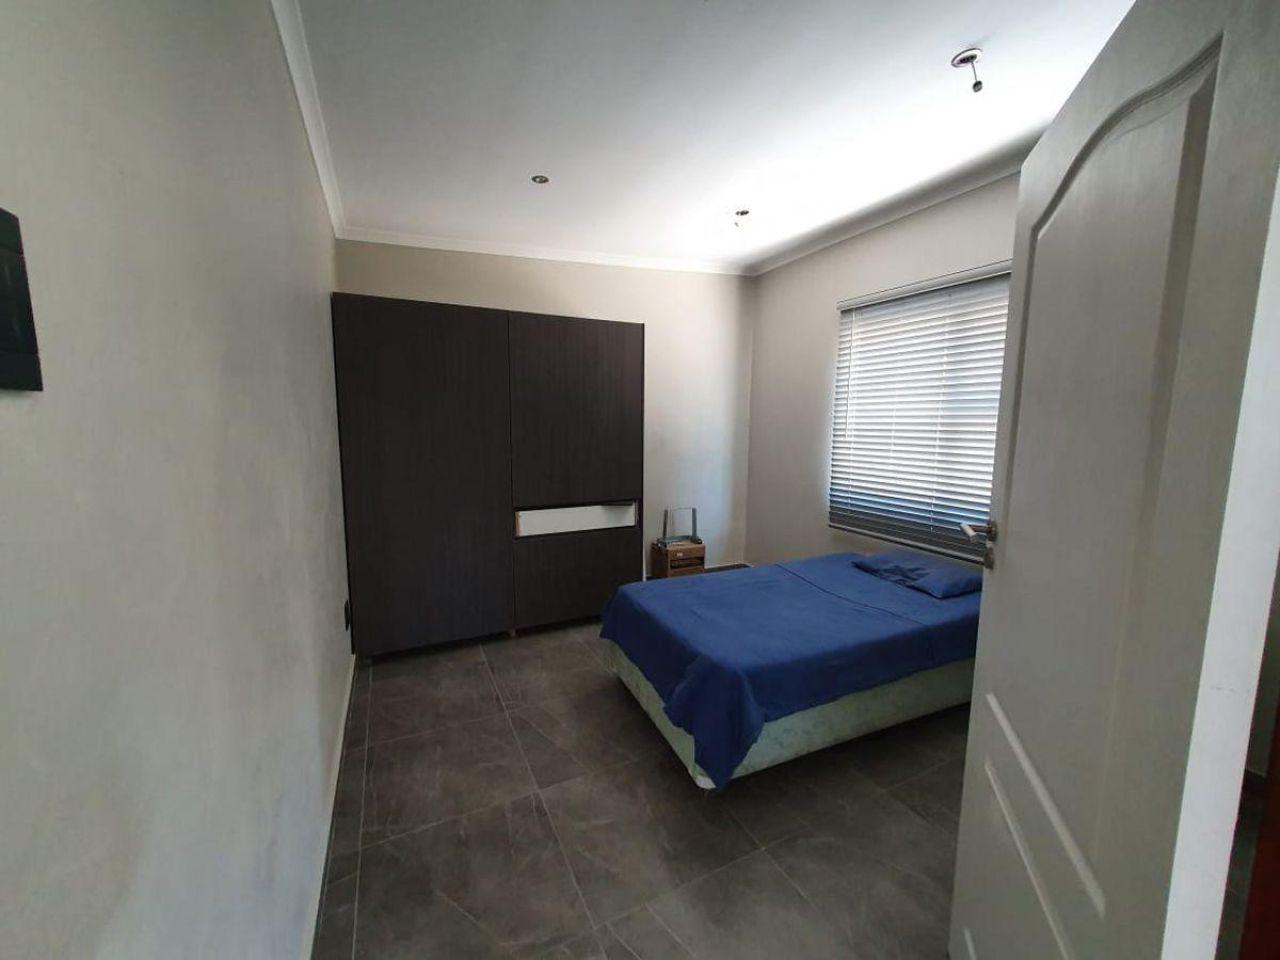 2 Bedroom Flat To Rent In Trichardt Secunda